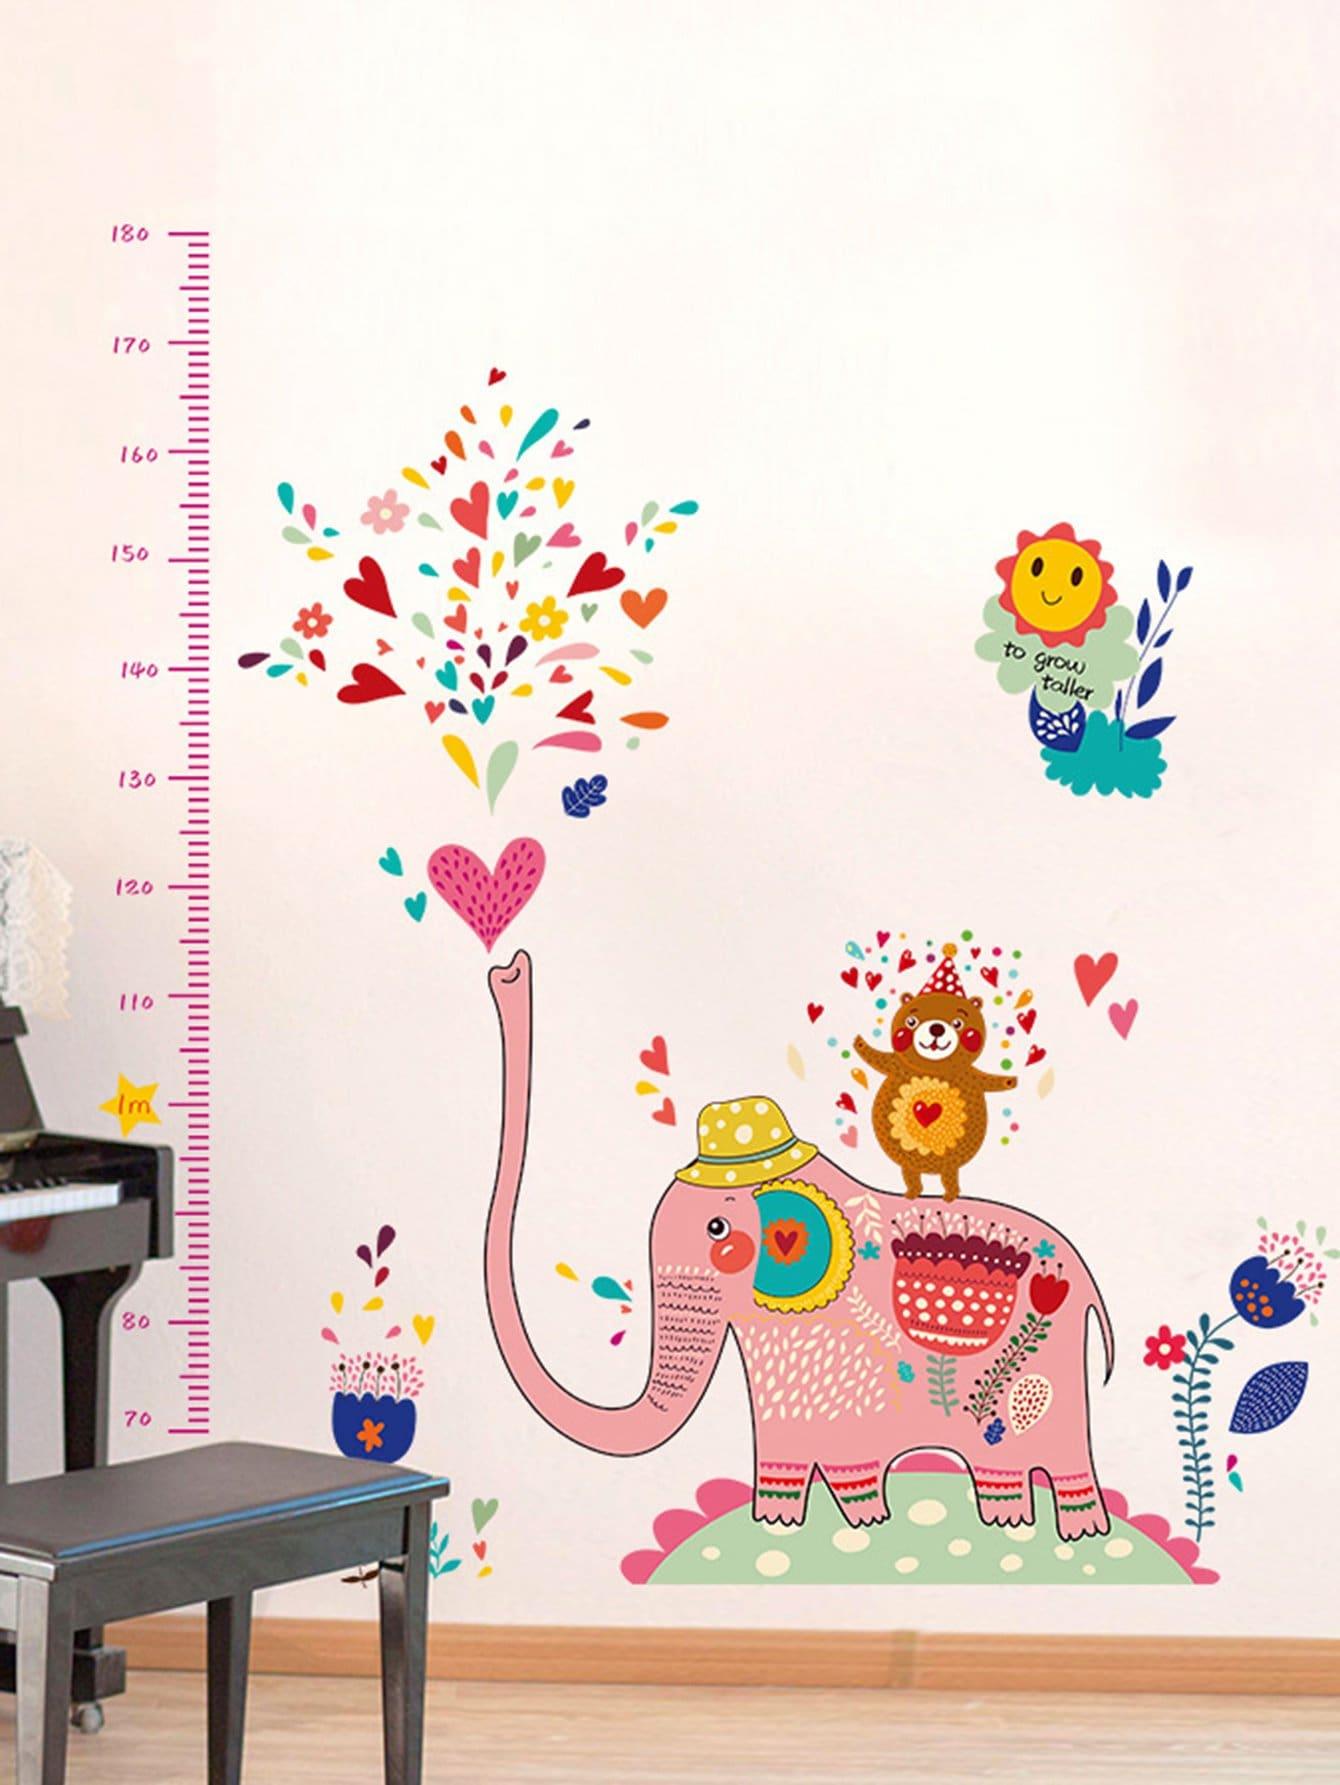 Купить Стикер для стены линейка для роста слон, null, SheIn